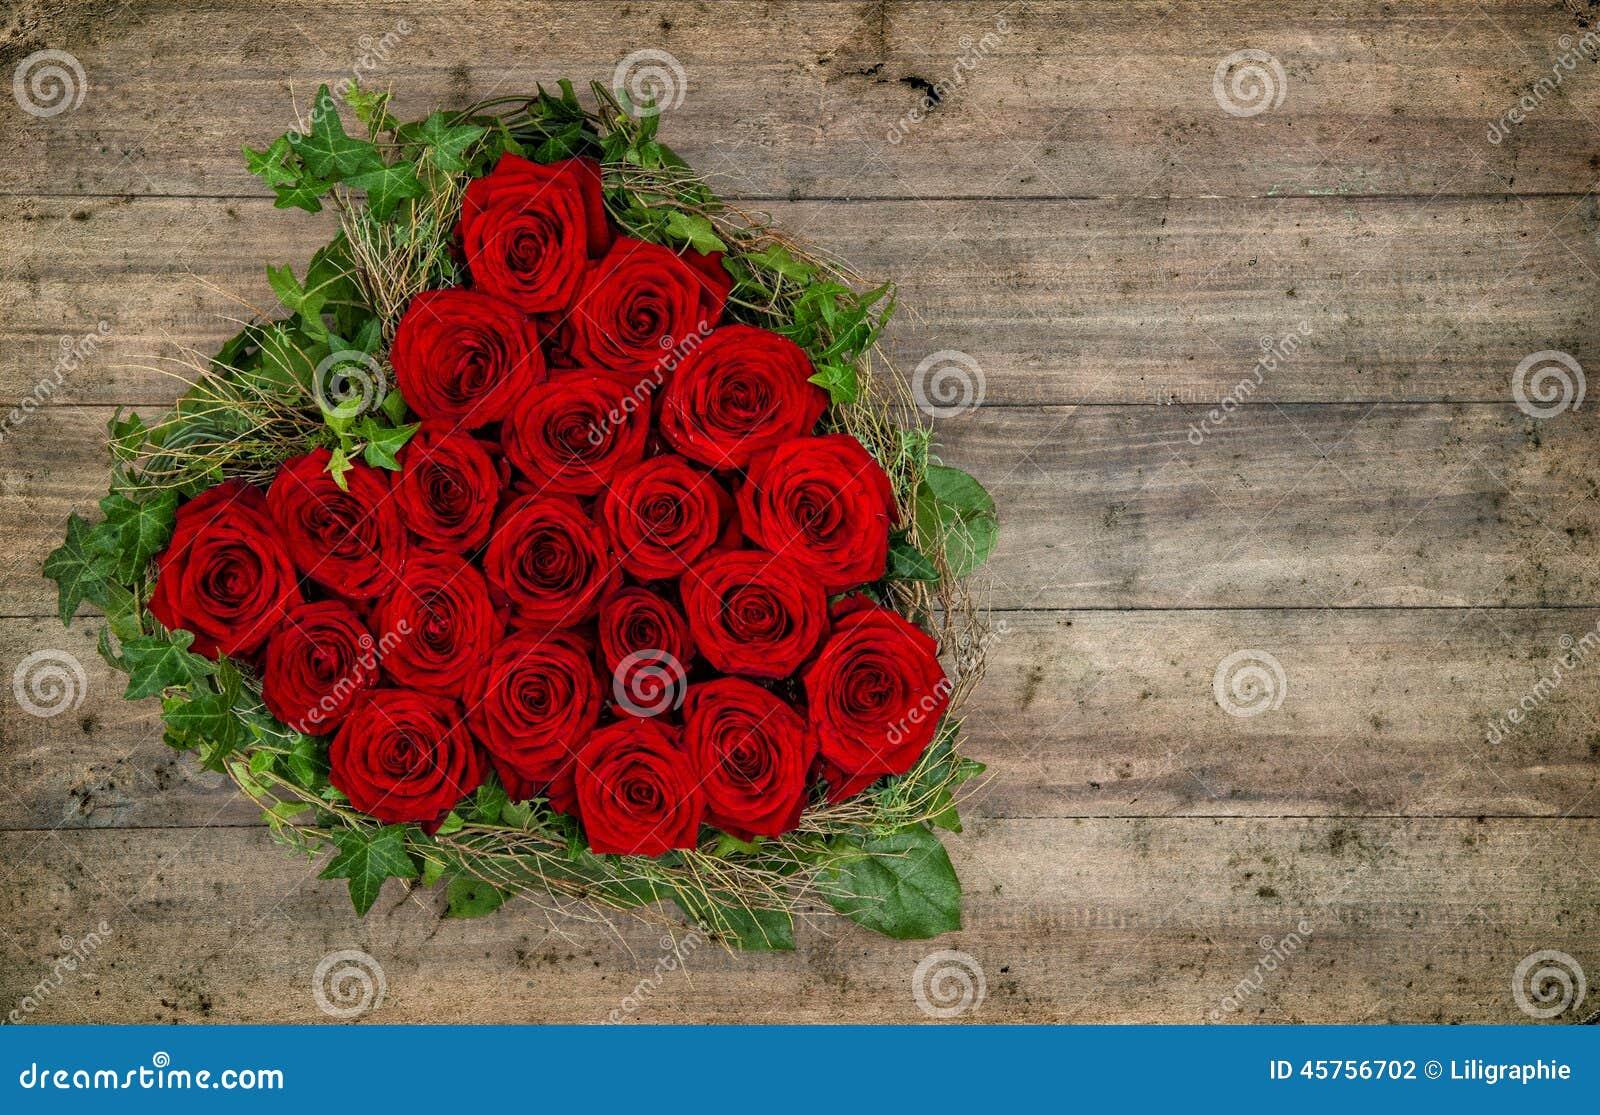 bouquet en forme de coeur de roses rouges sur le fond en bois